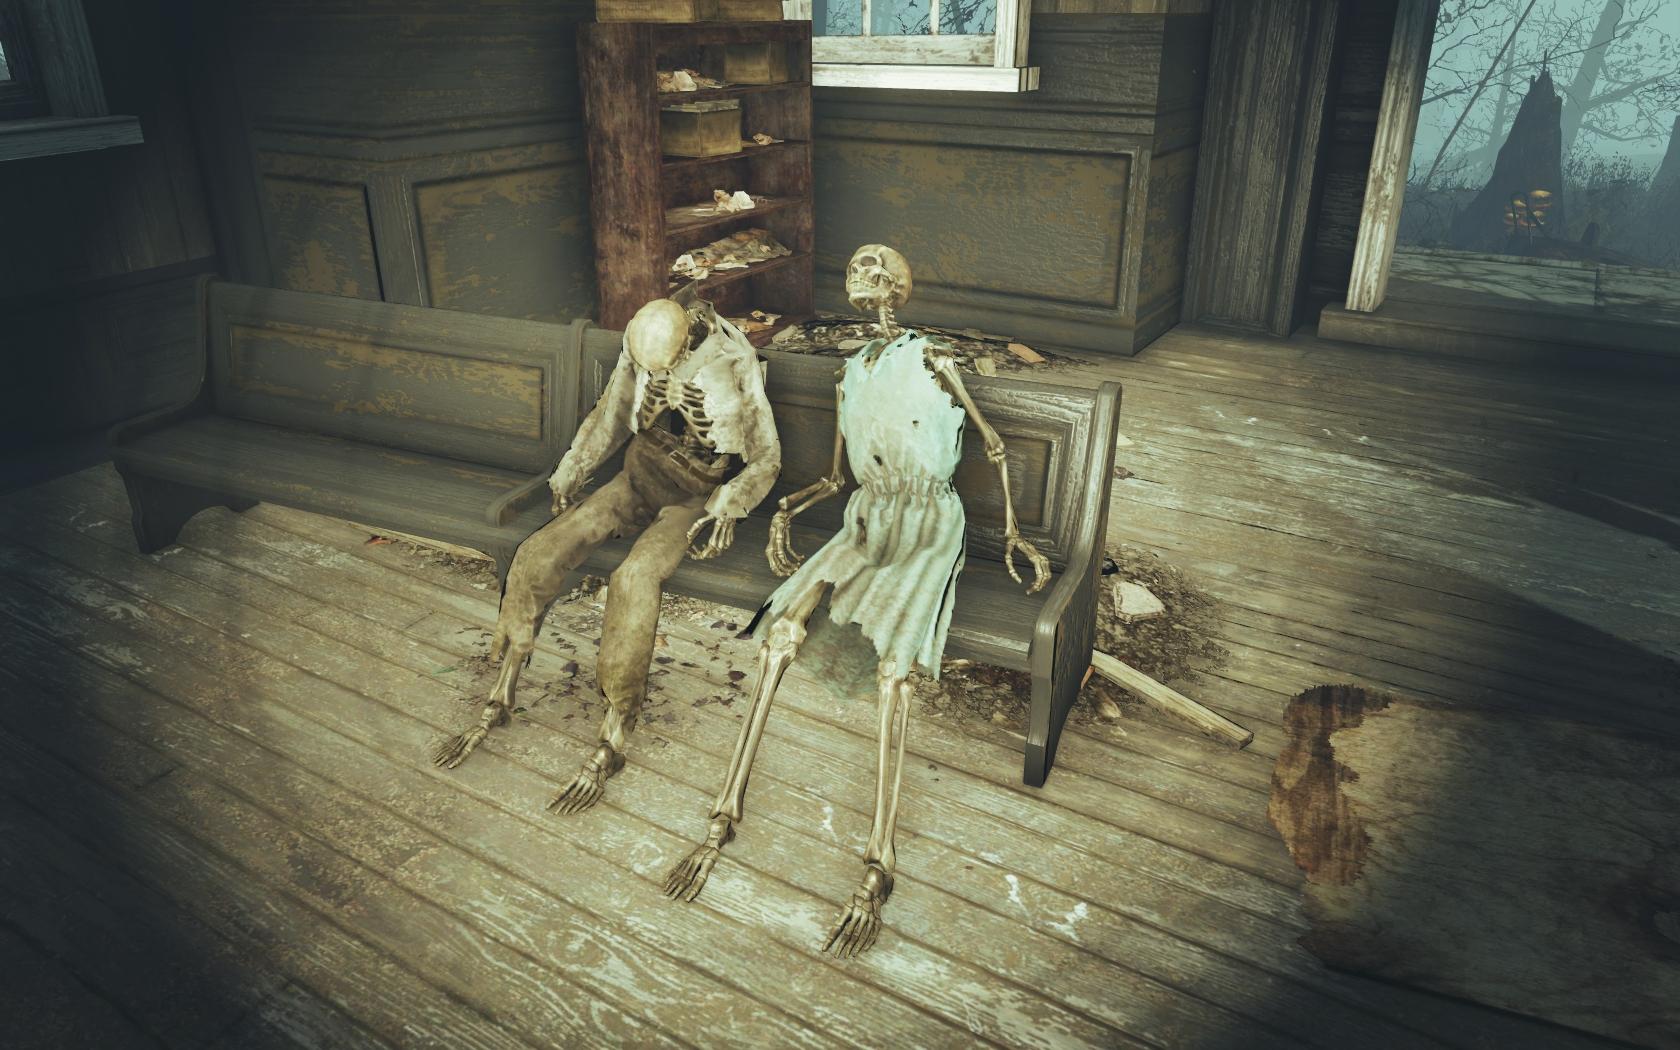 Паства (Фар-Харбор, Разрушенная церковь) - Fallout 4 скелет